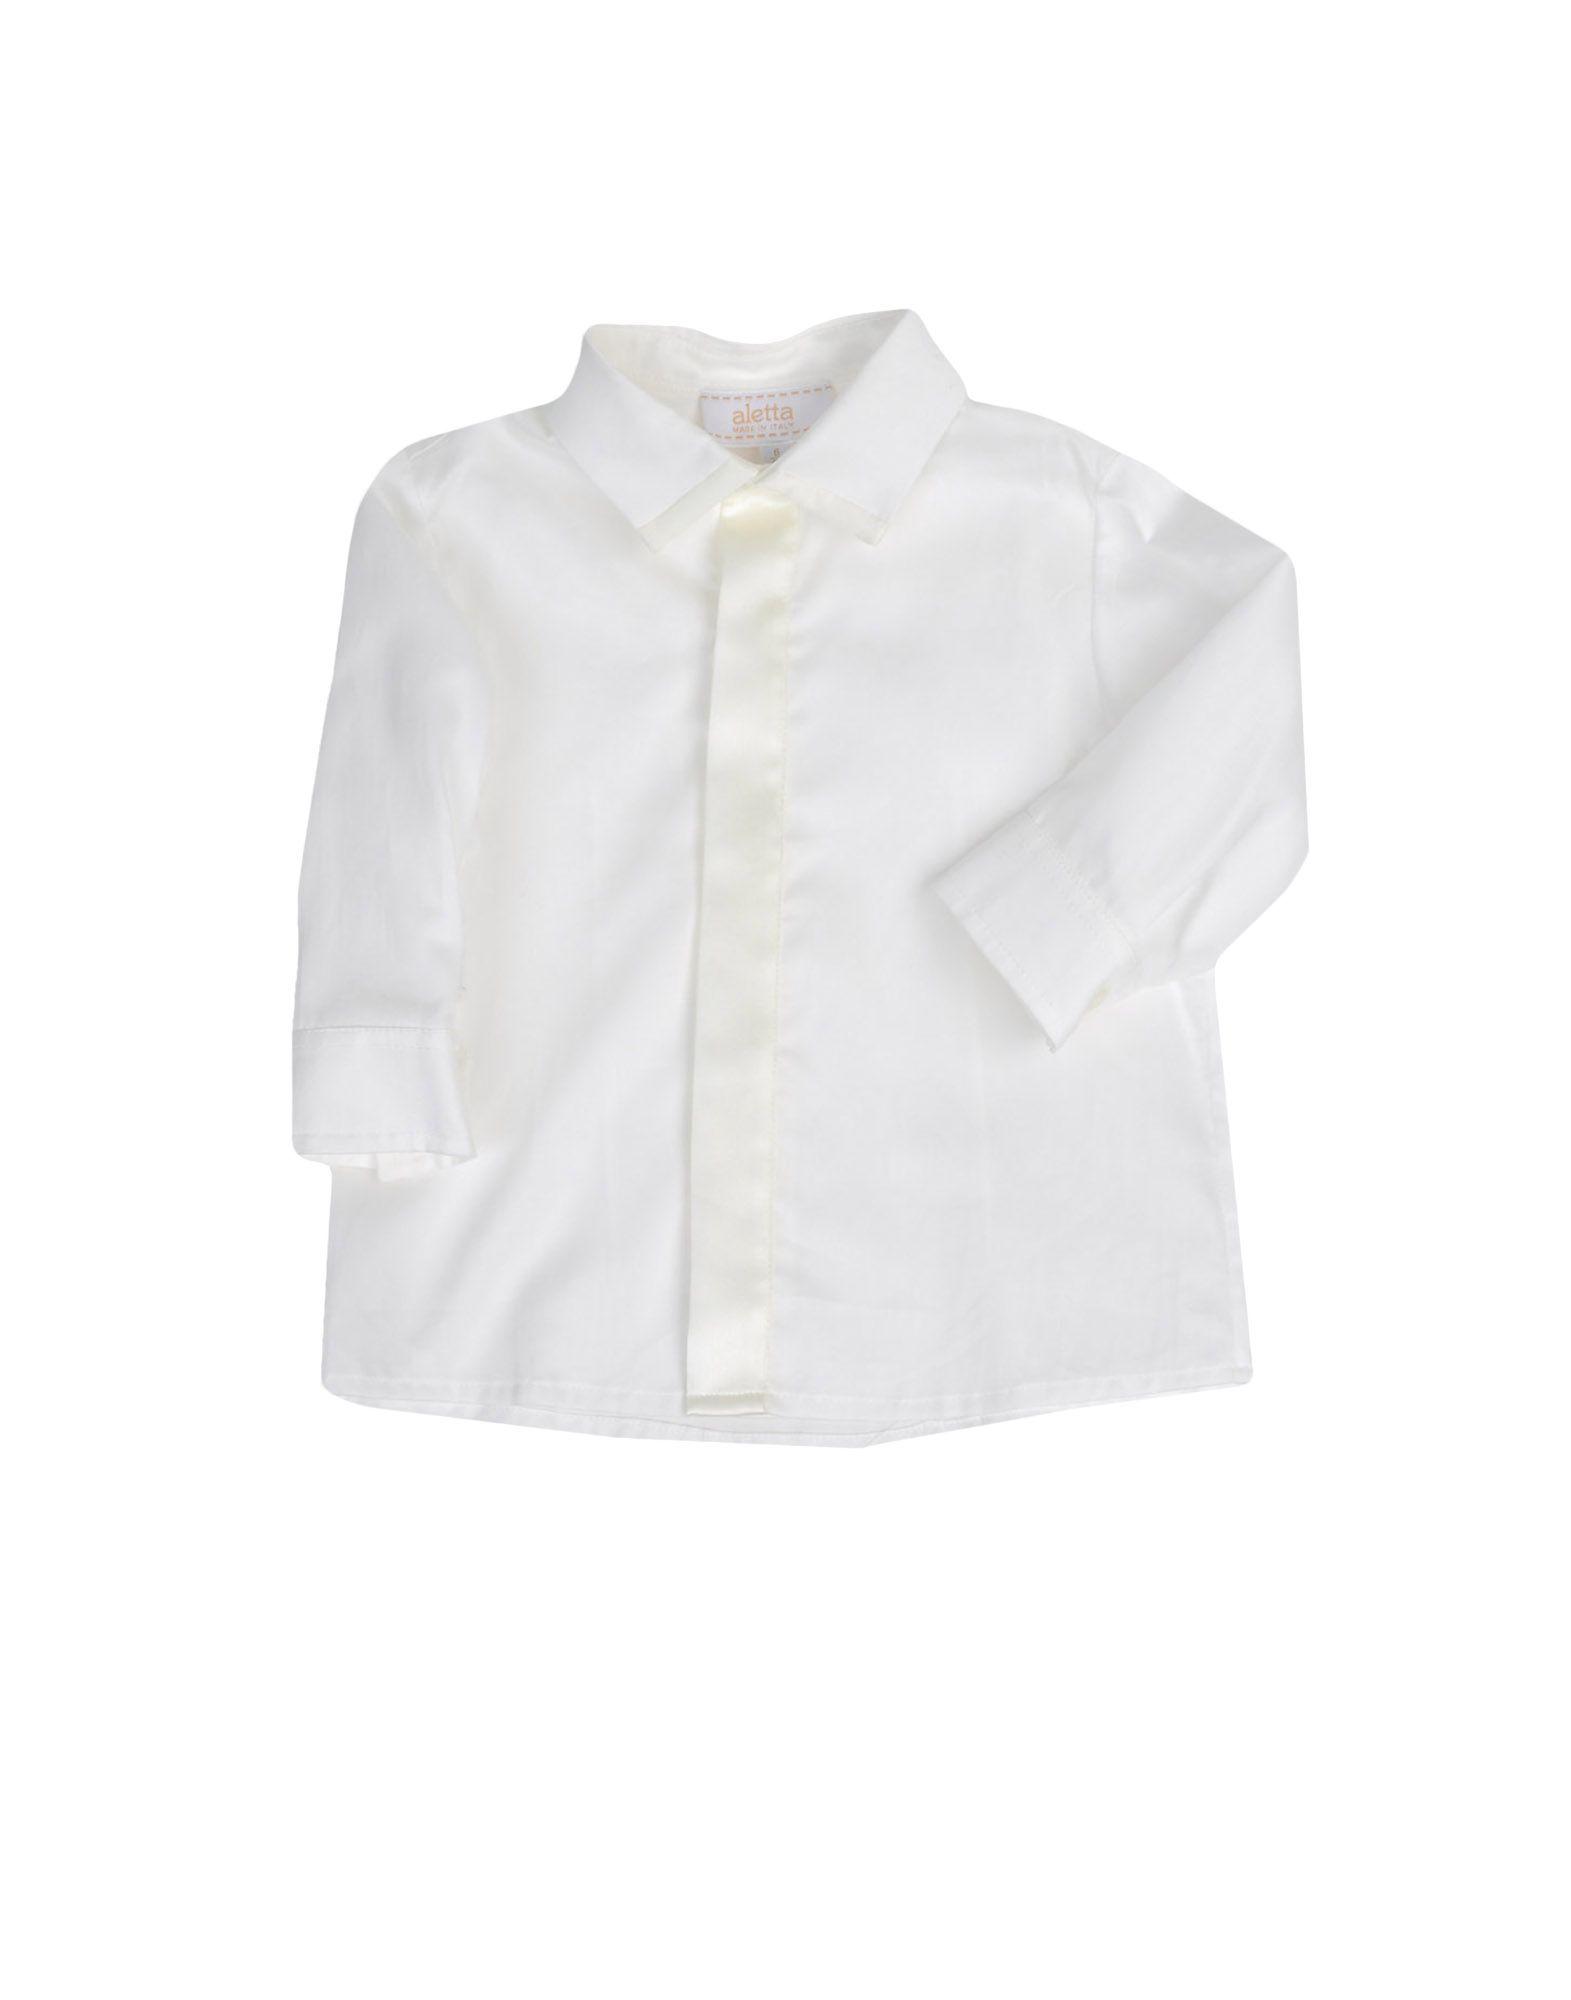 купить ALETTA Рубашка с длинными рукавами по цене 1100 рублей